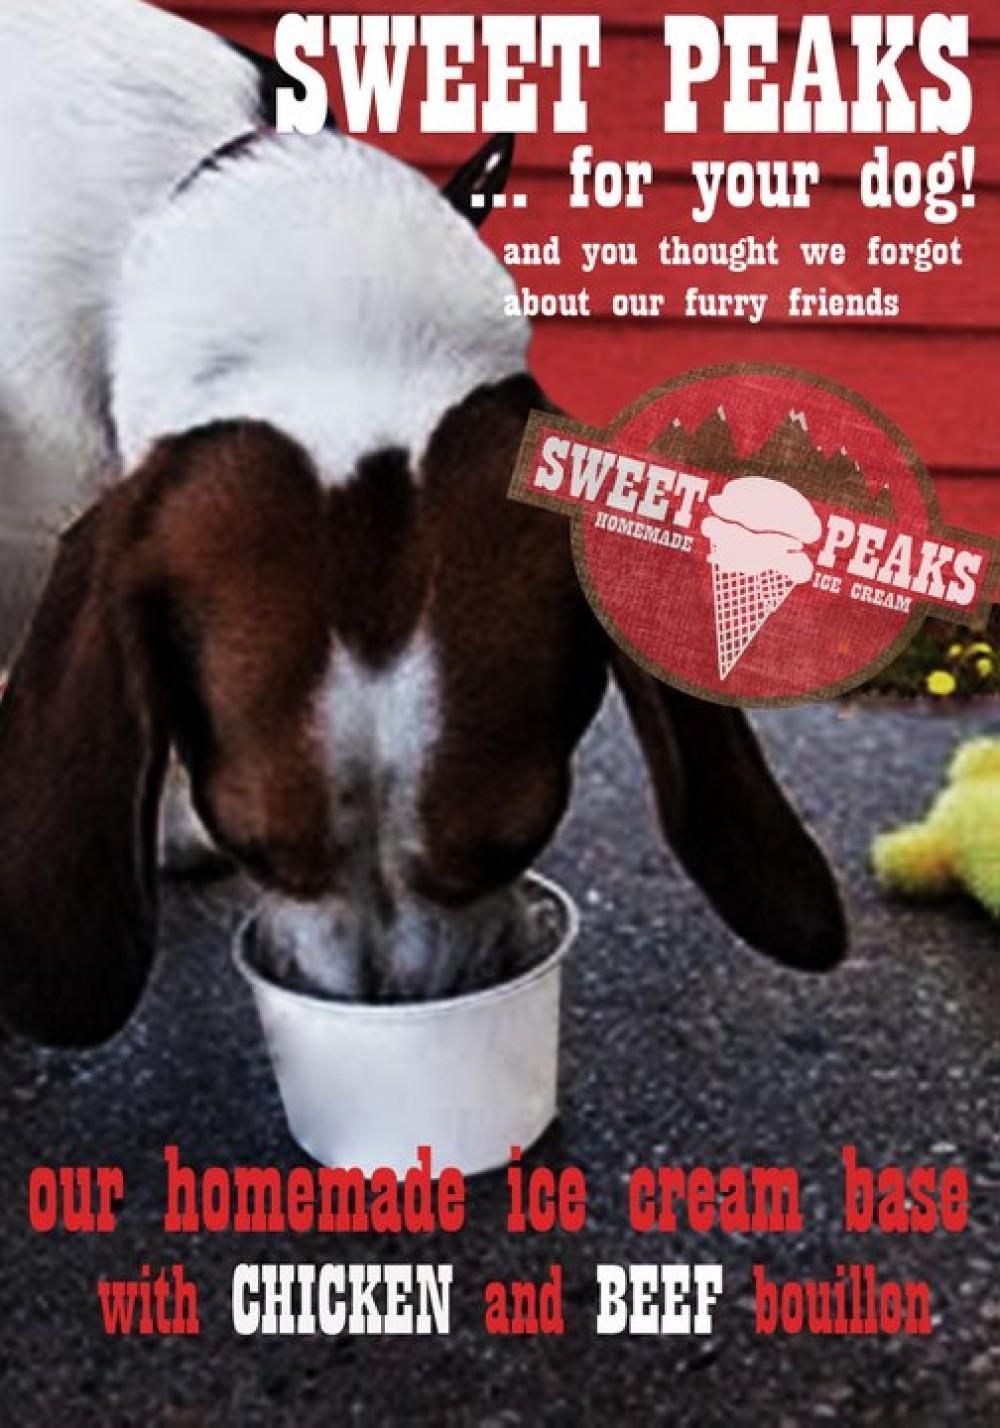 Puppies Love Ice Cream! – Samuel Dauenhauer